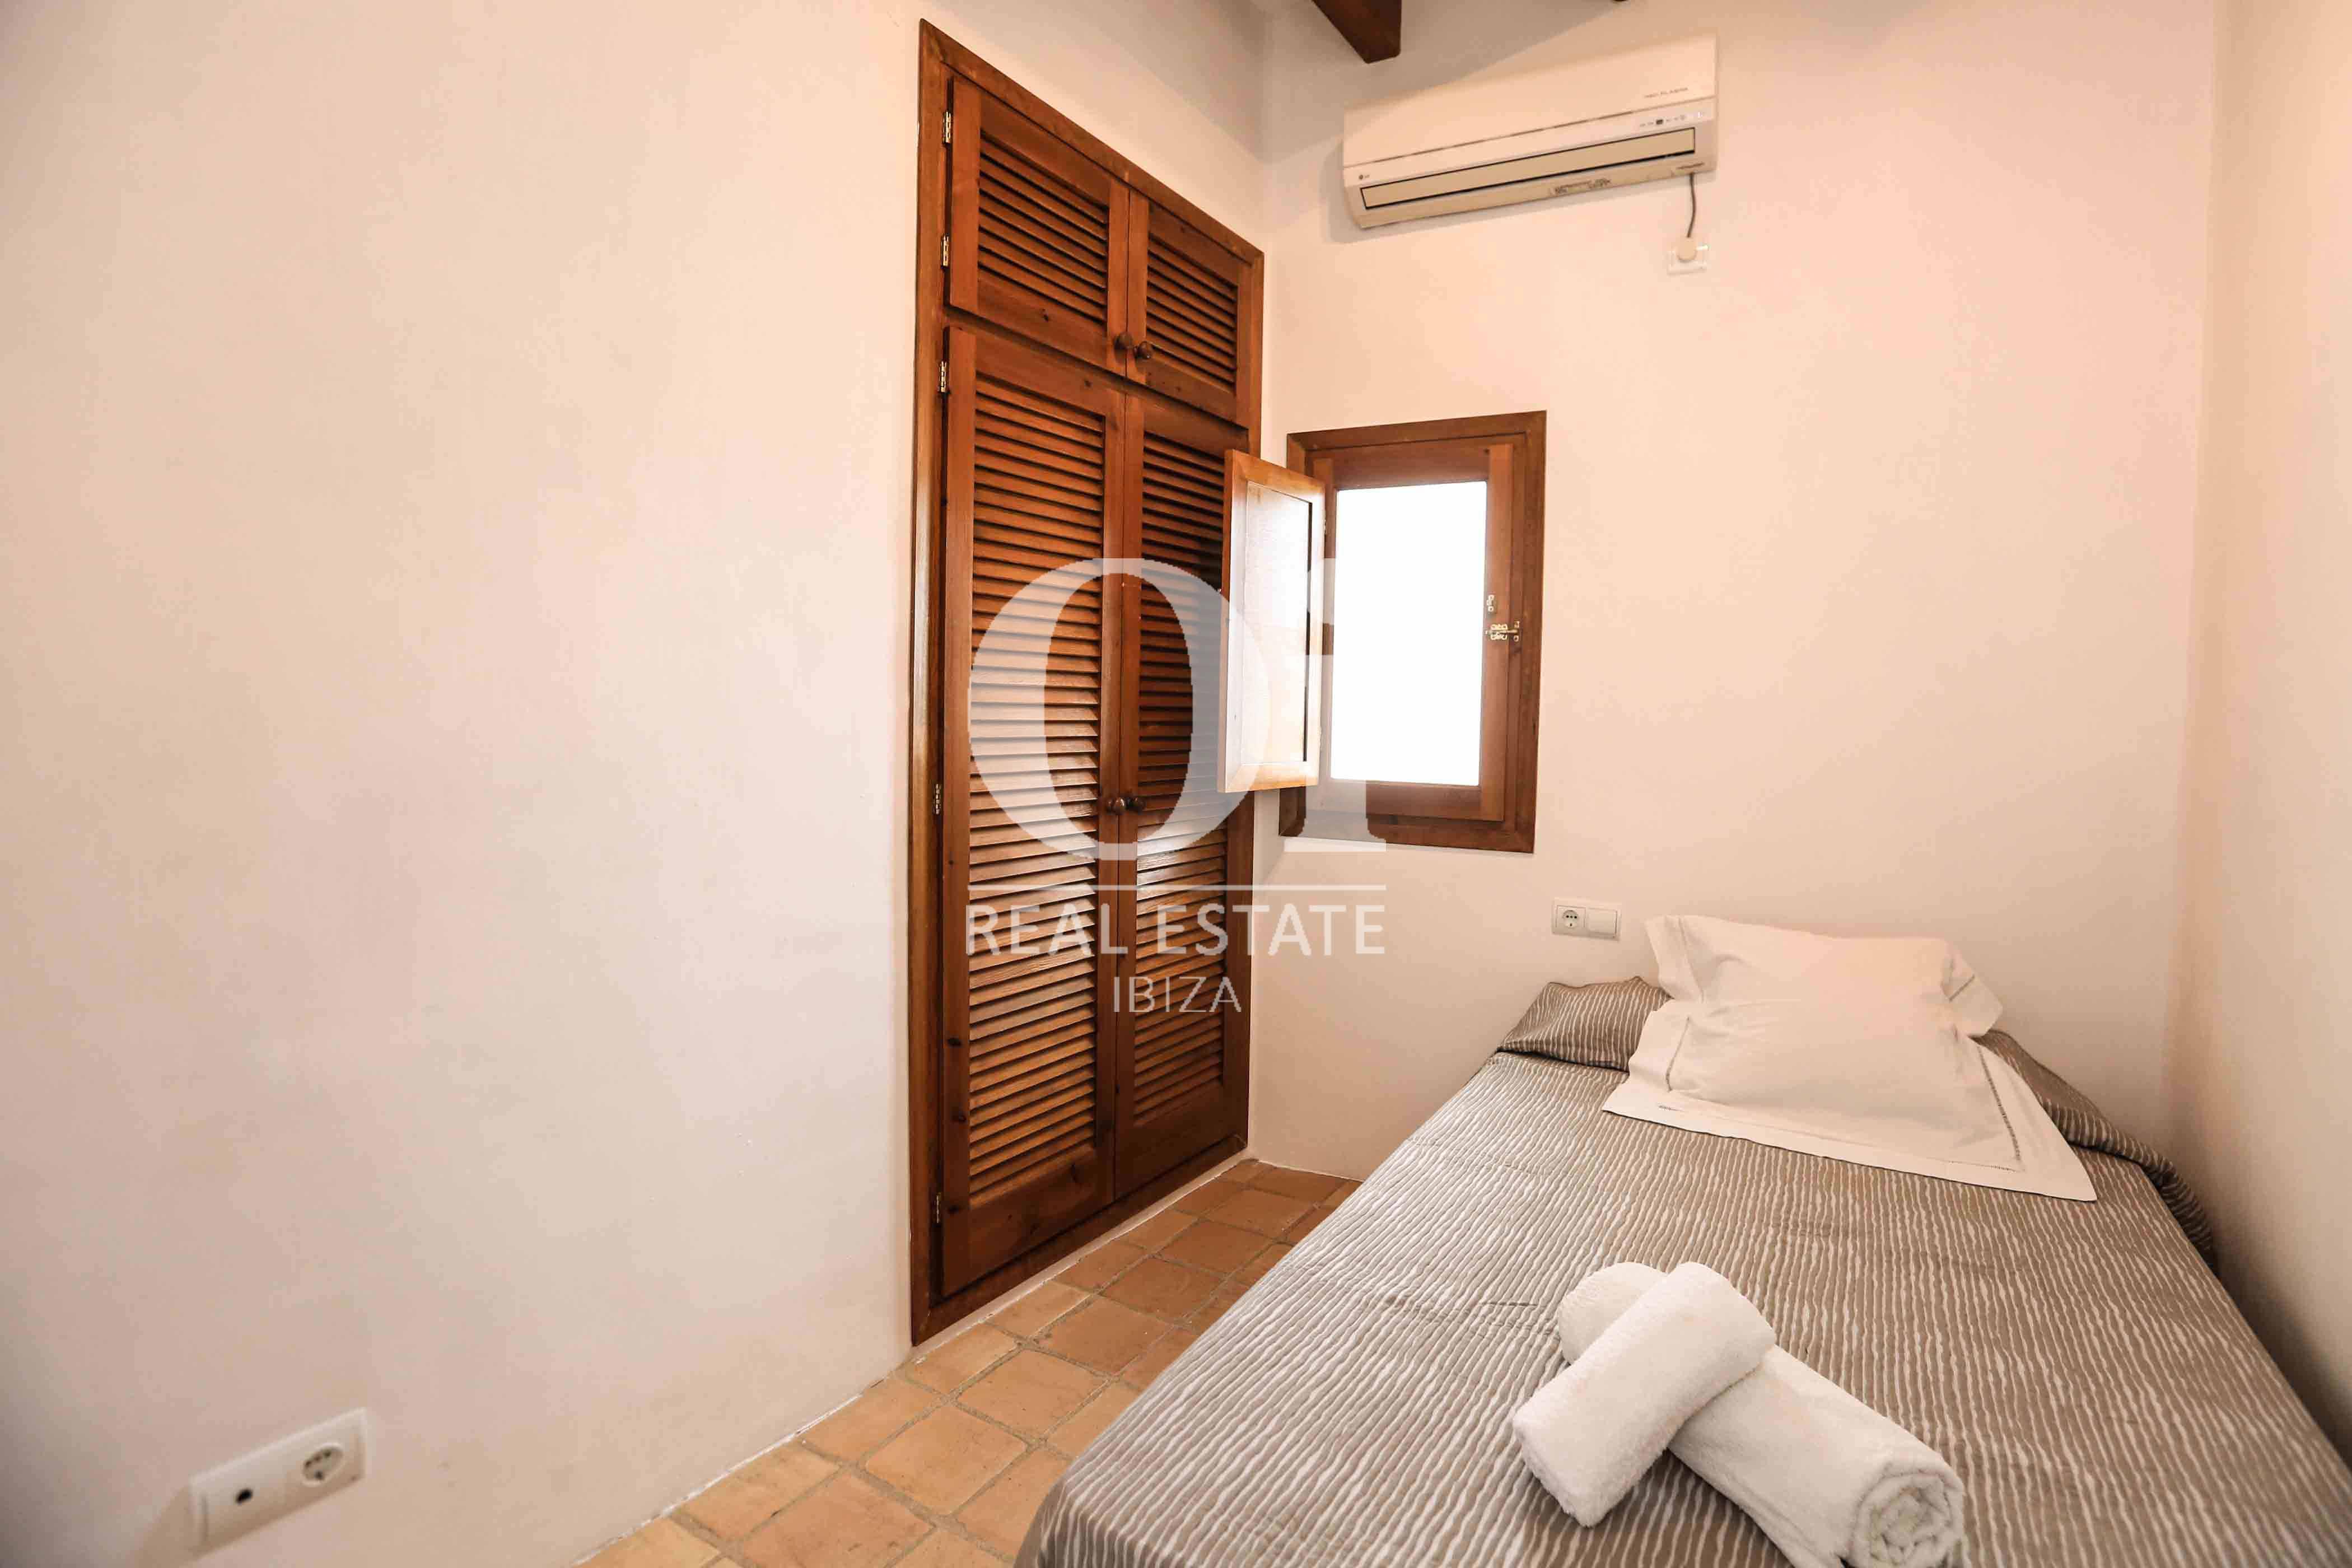 Habitación individual de casa en alquiler de estancia en Puig d'en Valls, Ibiza